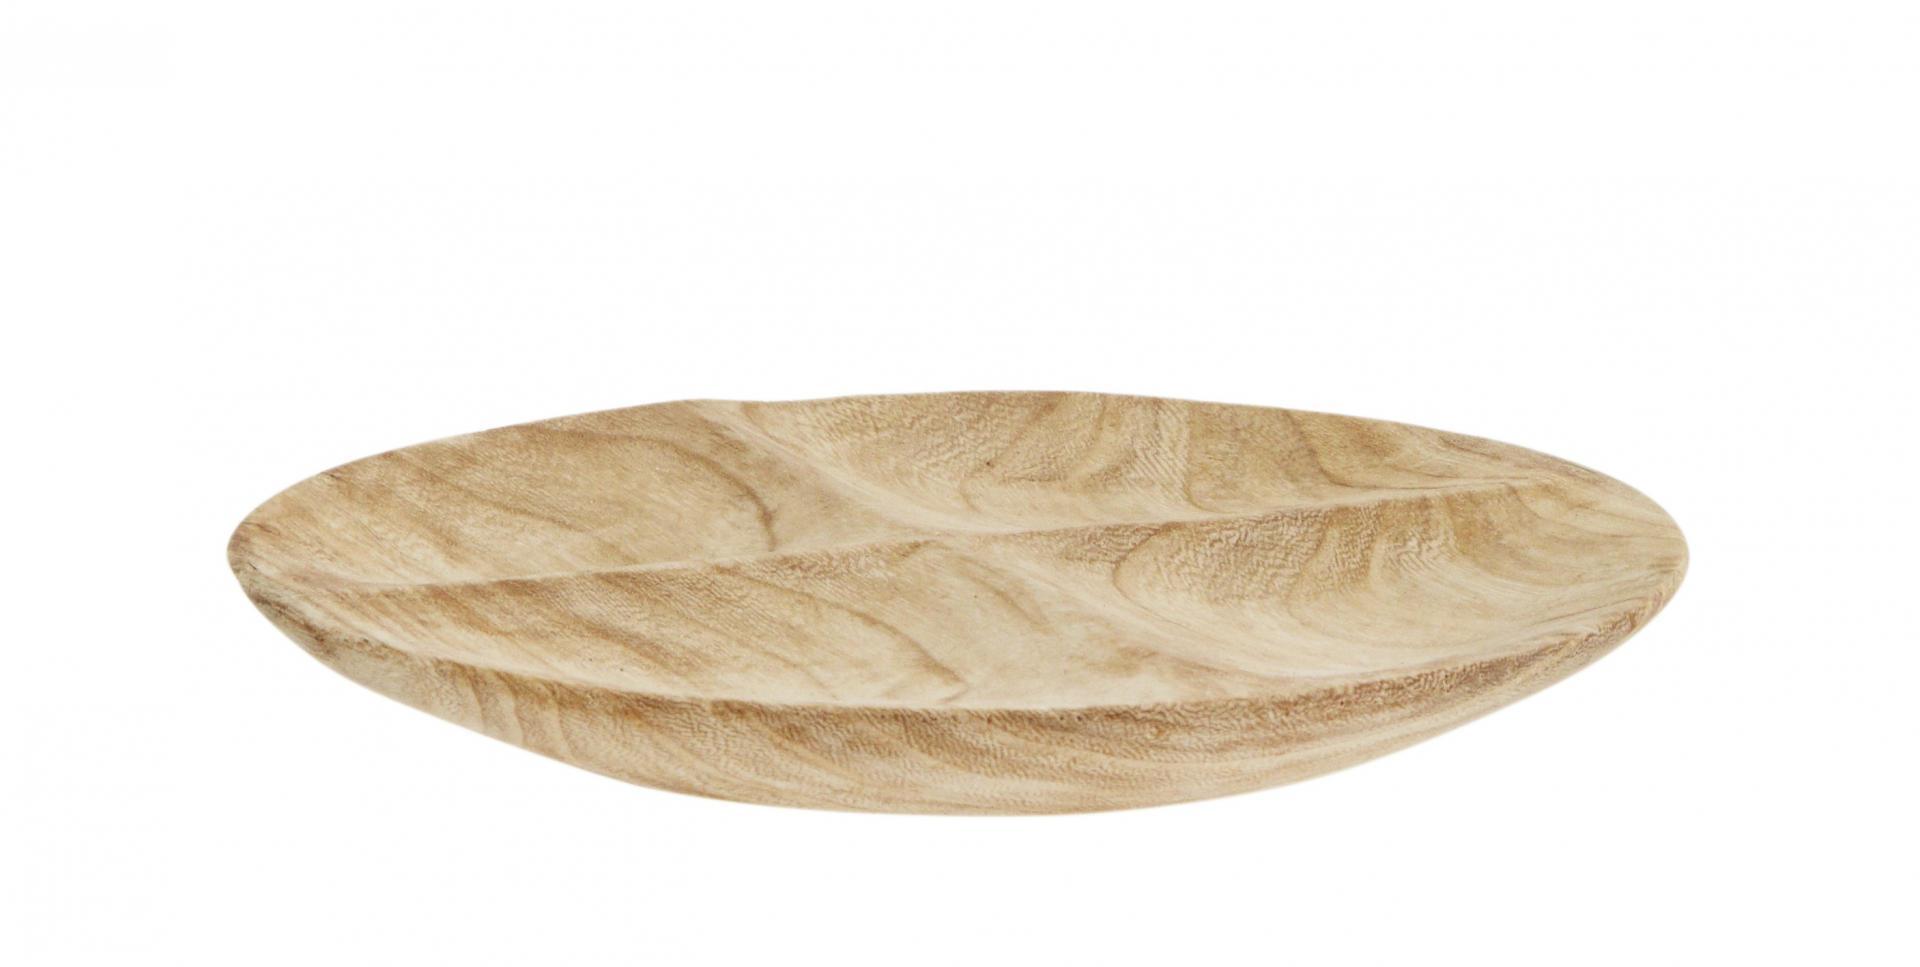 MADAM STOLTZ Dřevěný servírovací talíř Wood, hnědá barva, dřevo